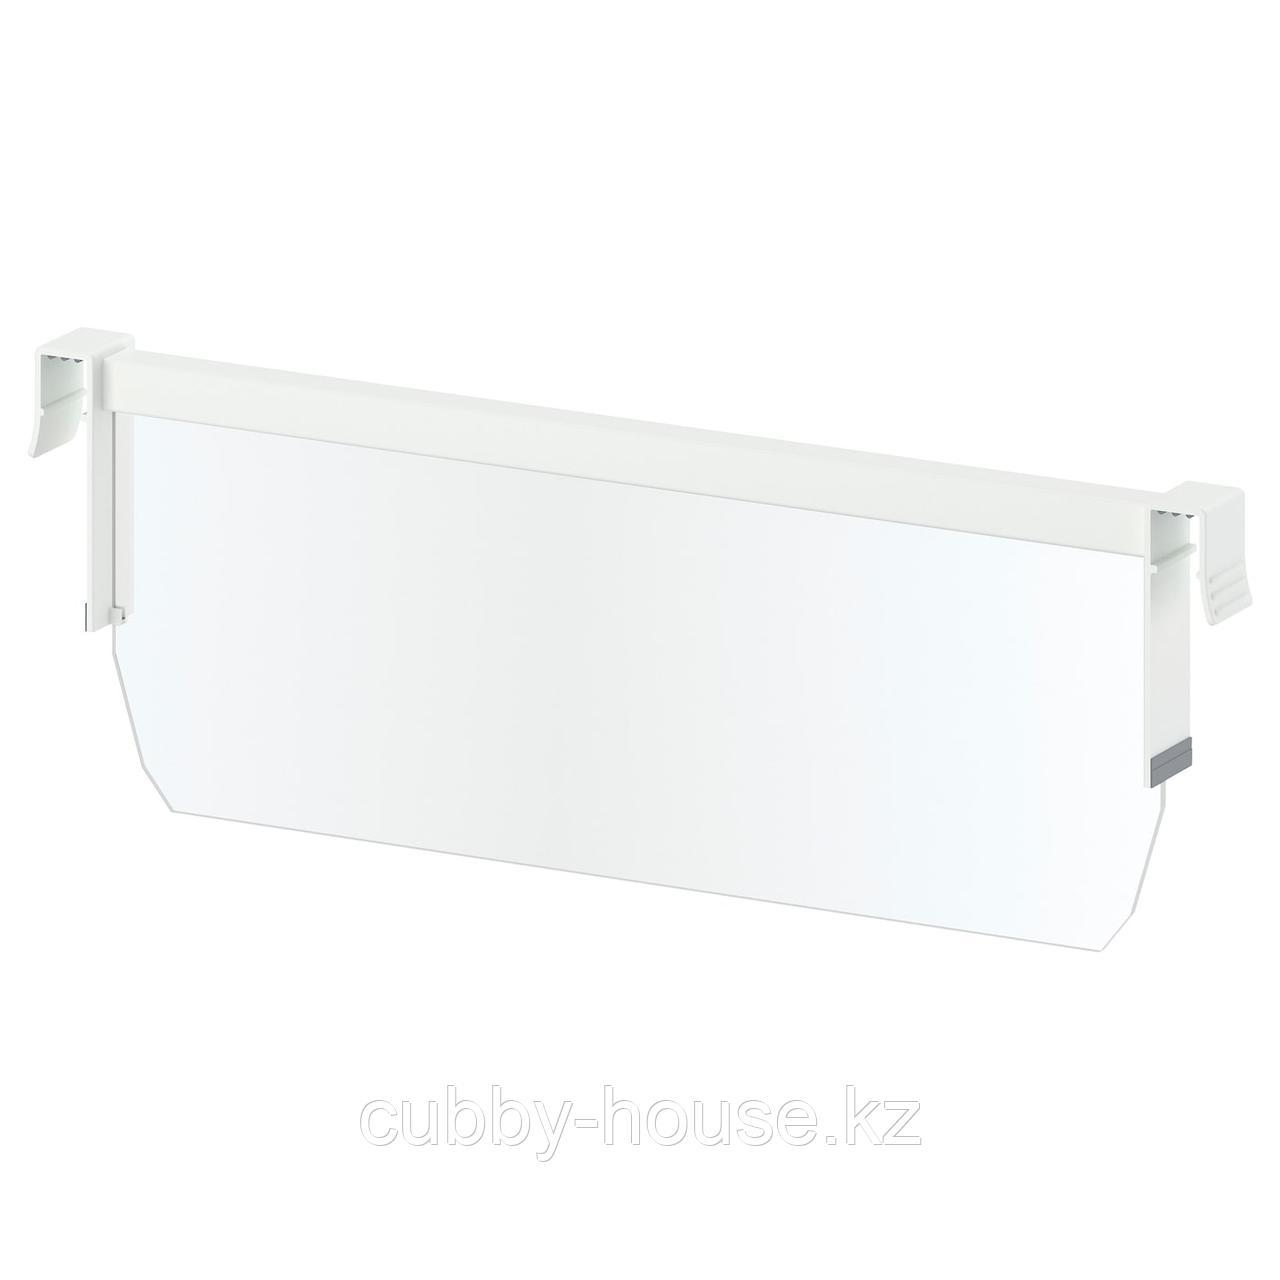 МАКСИМЕРА Разделитель д/среднего ящика, белый, прозрачный, 80 см